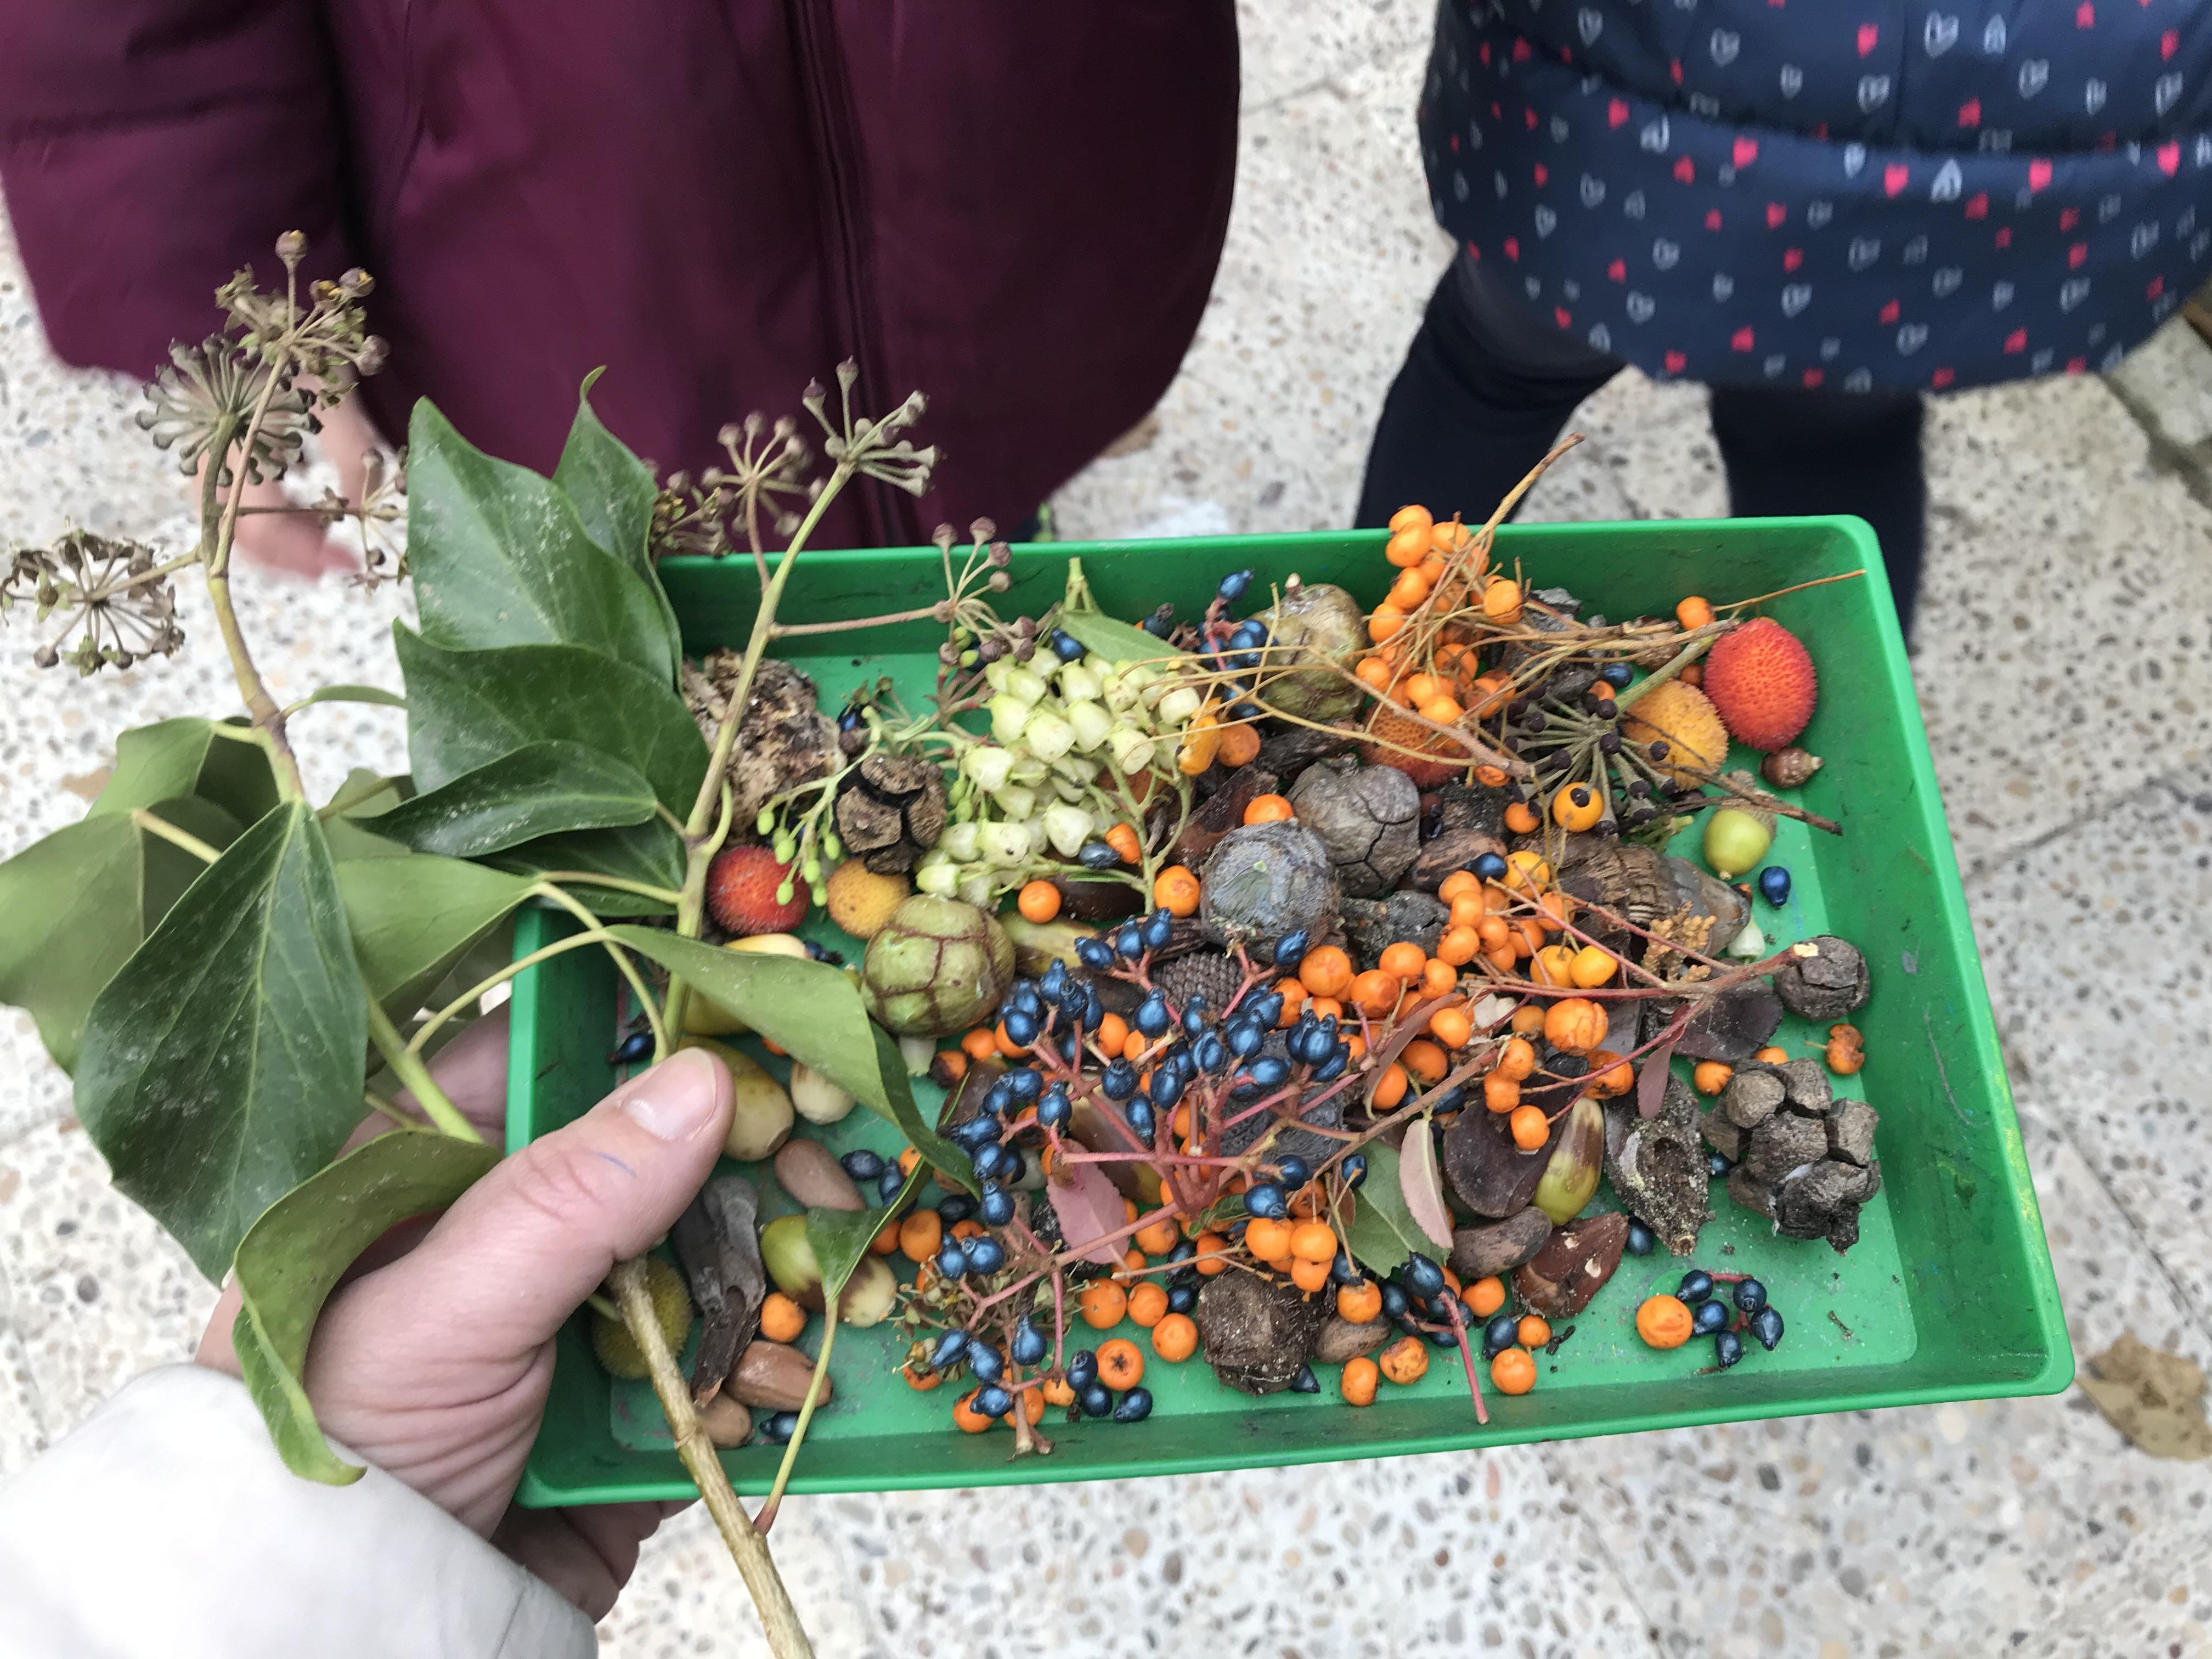 2018_12_05_1º Y 2º TRABAJAN LA BIODIVERSIDAD_PROYECTO THE GREAT PLANT HUNT_CEIP FDLR_Las Rozas 9